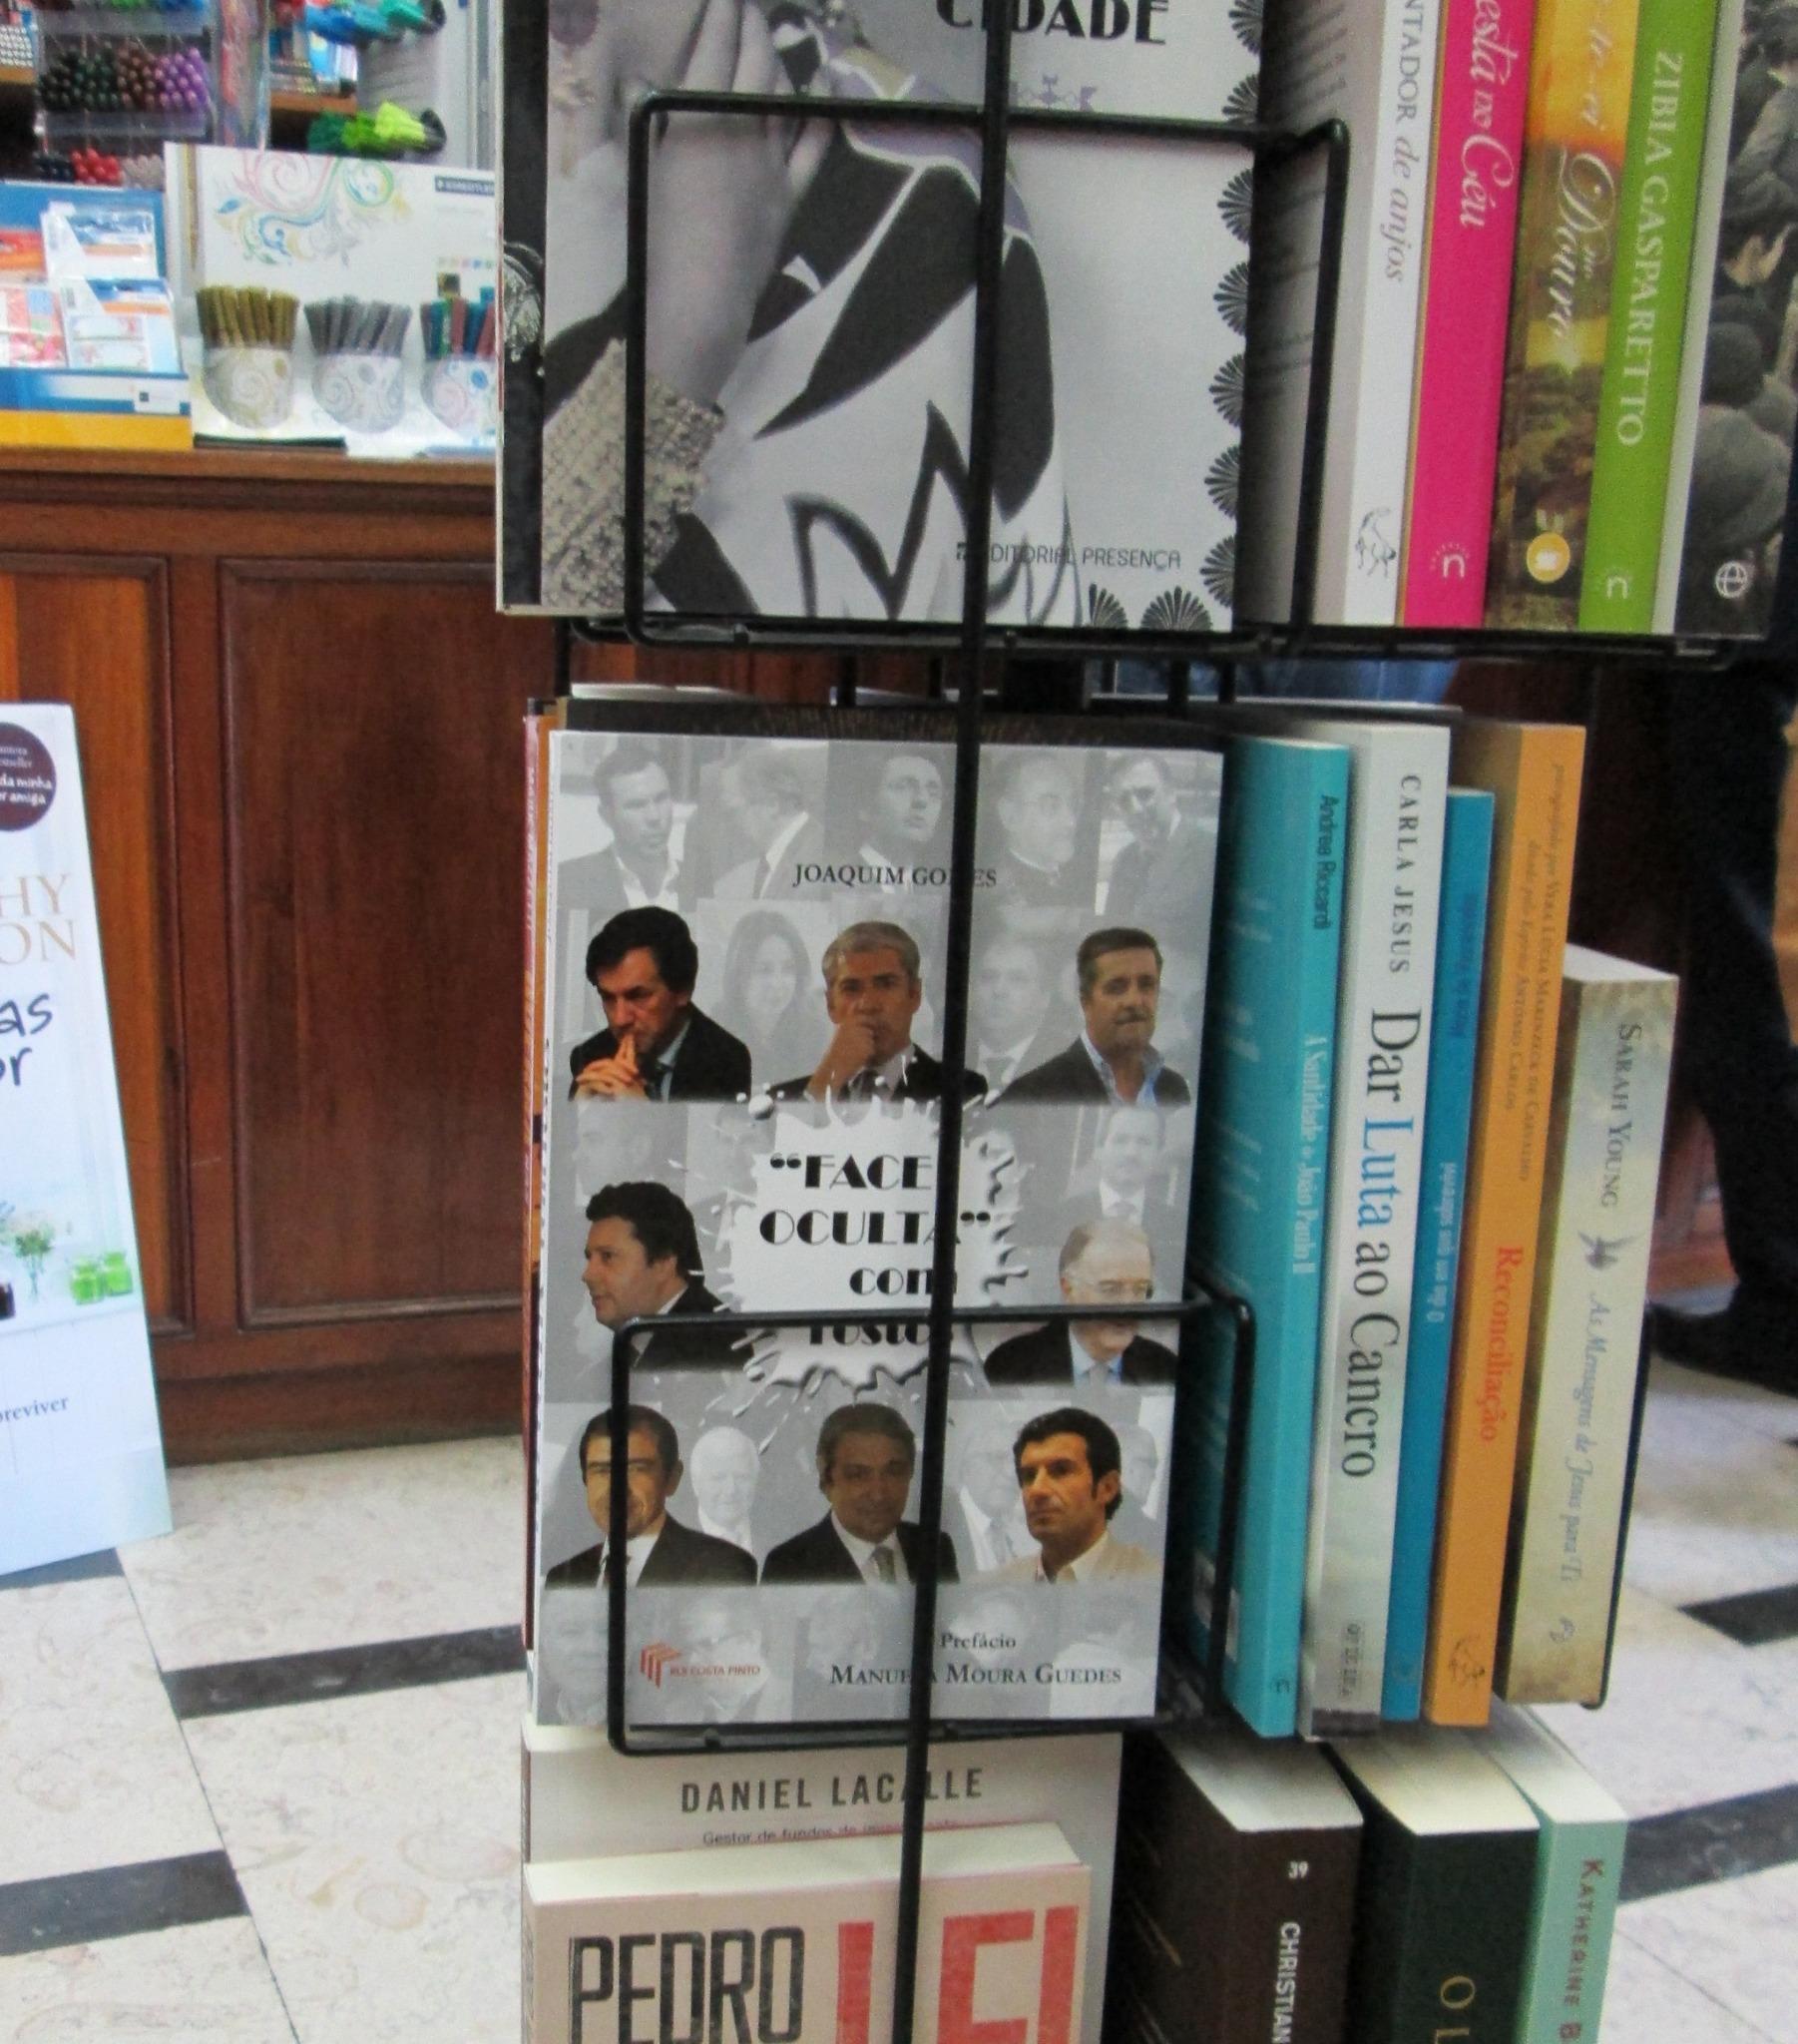 FACE OCULTA COM ROSTOS, de Joaquim Gomes  À venda na Porto Editora   LER + http://t.co/qgZaCJiWbH http://t.co/gYw7cy9rV4